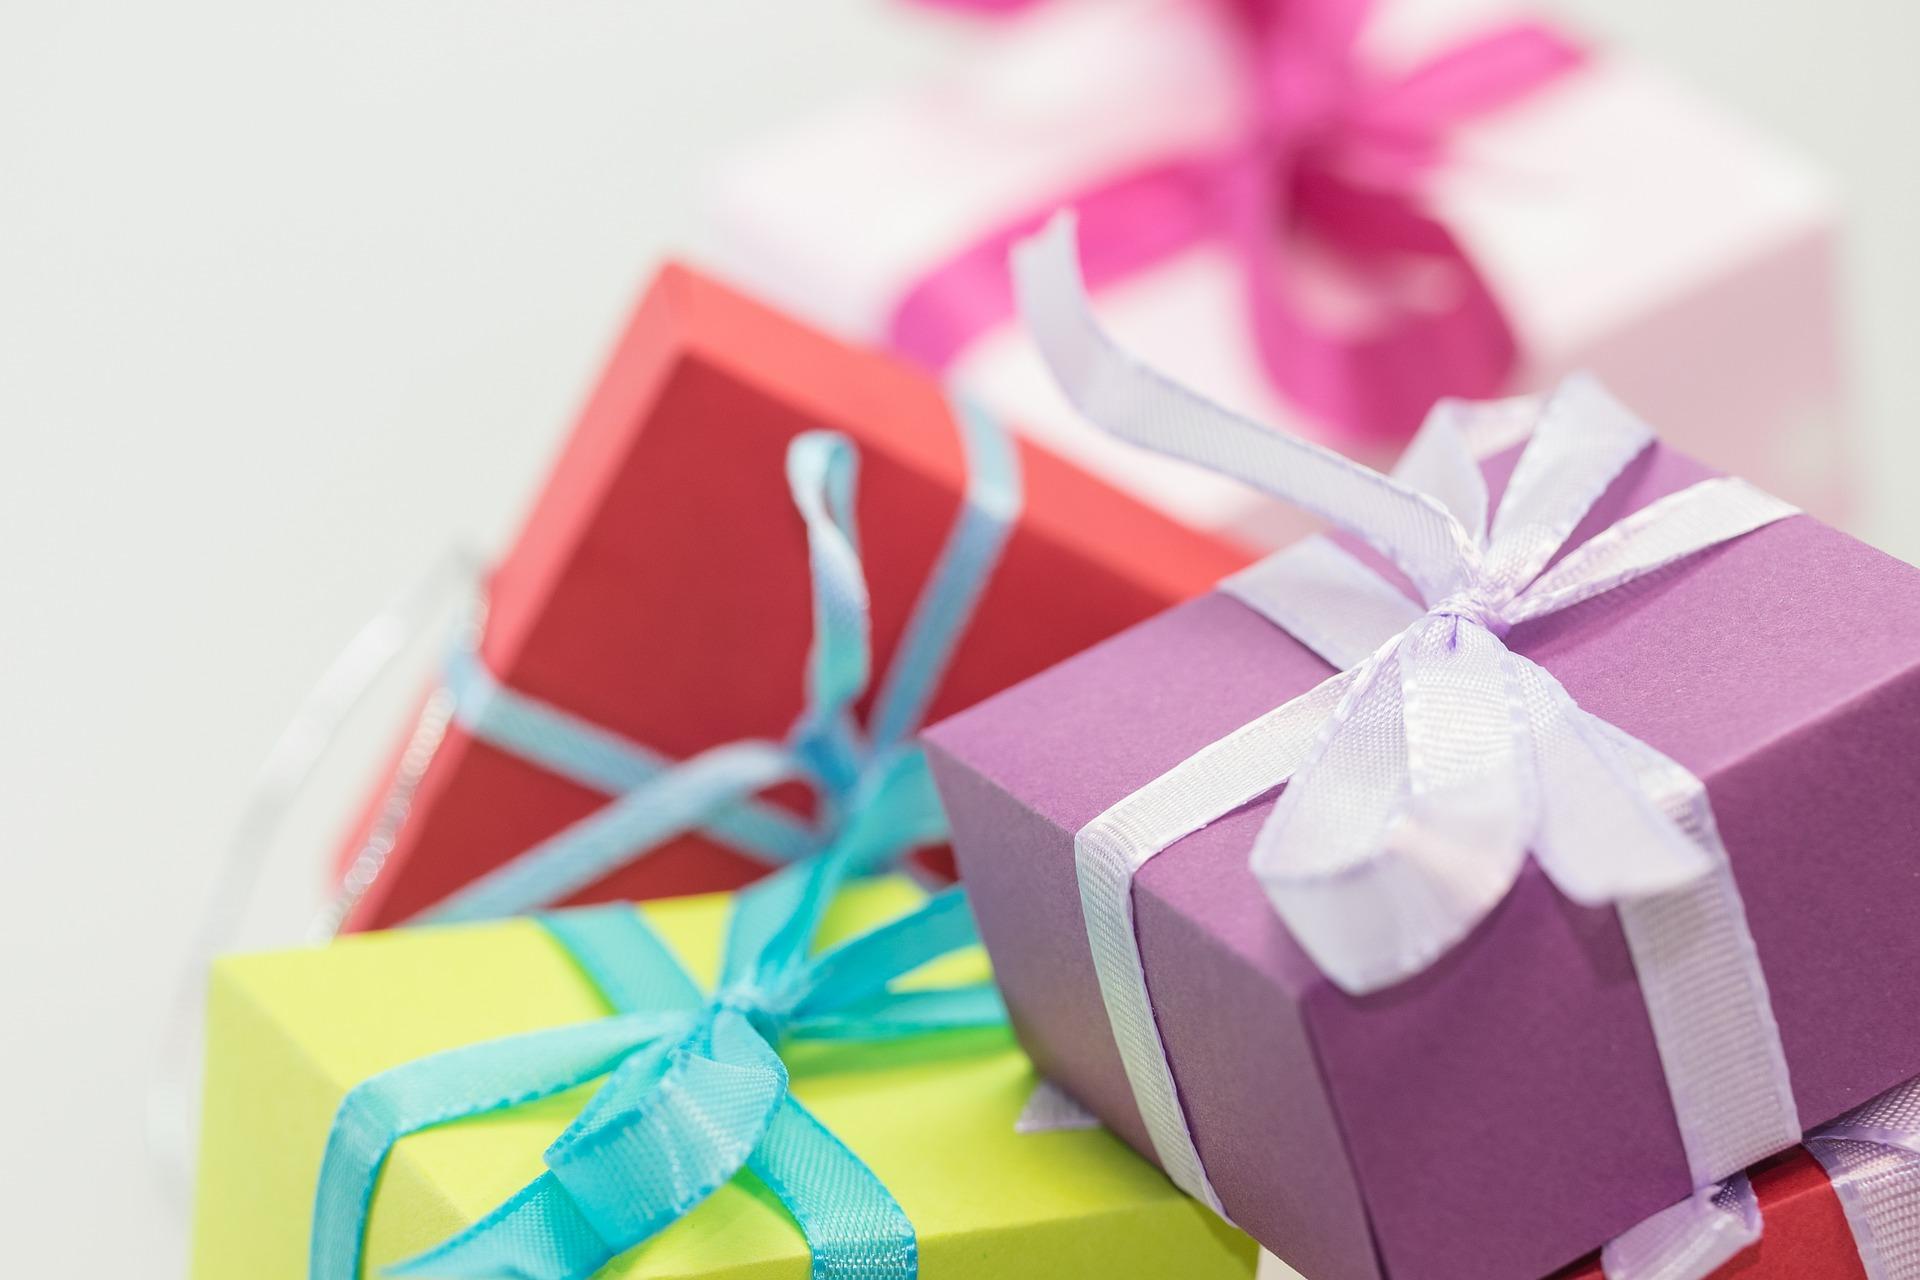 plus de cadeaux avec jeux concours gagnants concours la f e biscotte. Black Bedroom Furniture Sets. Home Design Ideas